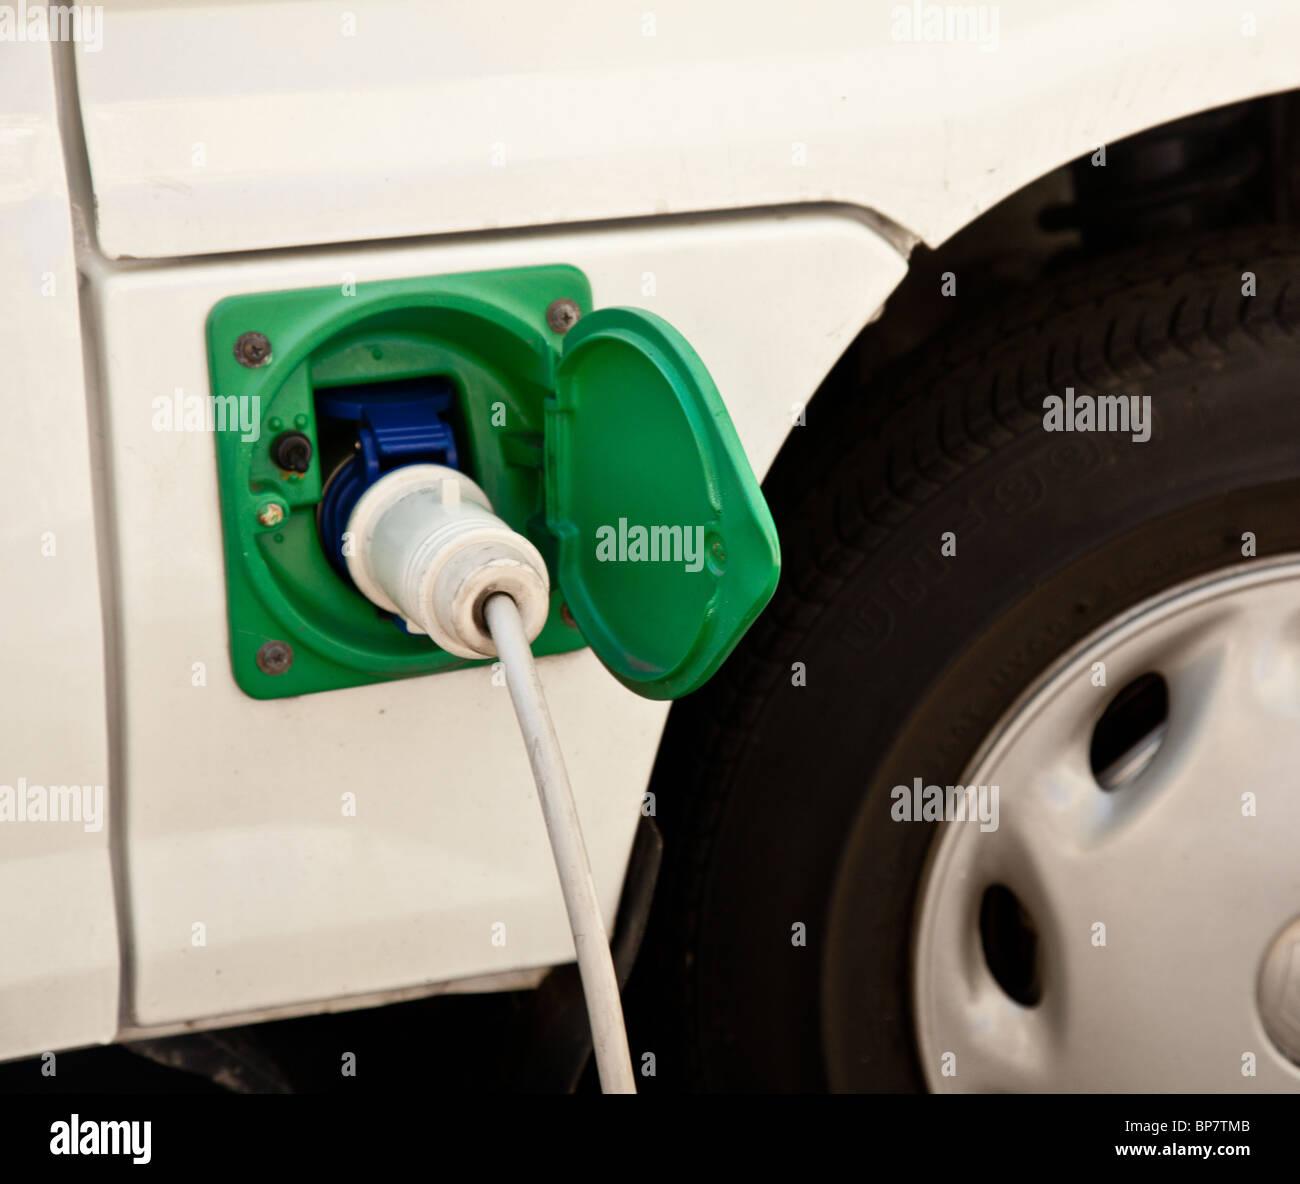 Voiture électrique point de recharge d'une nouvelle voiture électrique hybride être rechargés Photo Stock